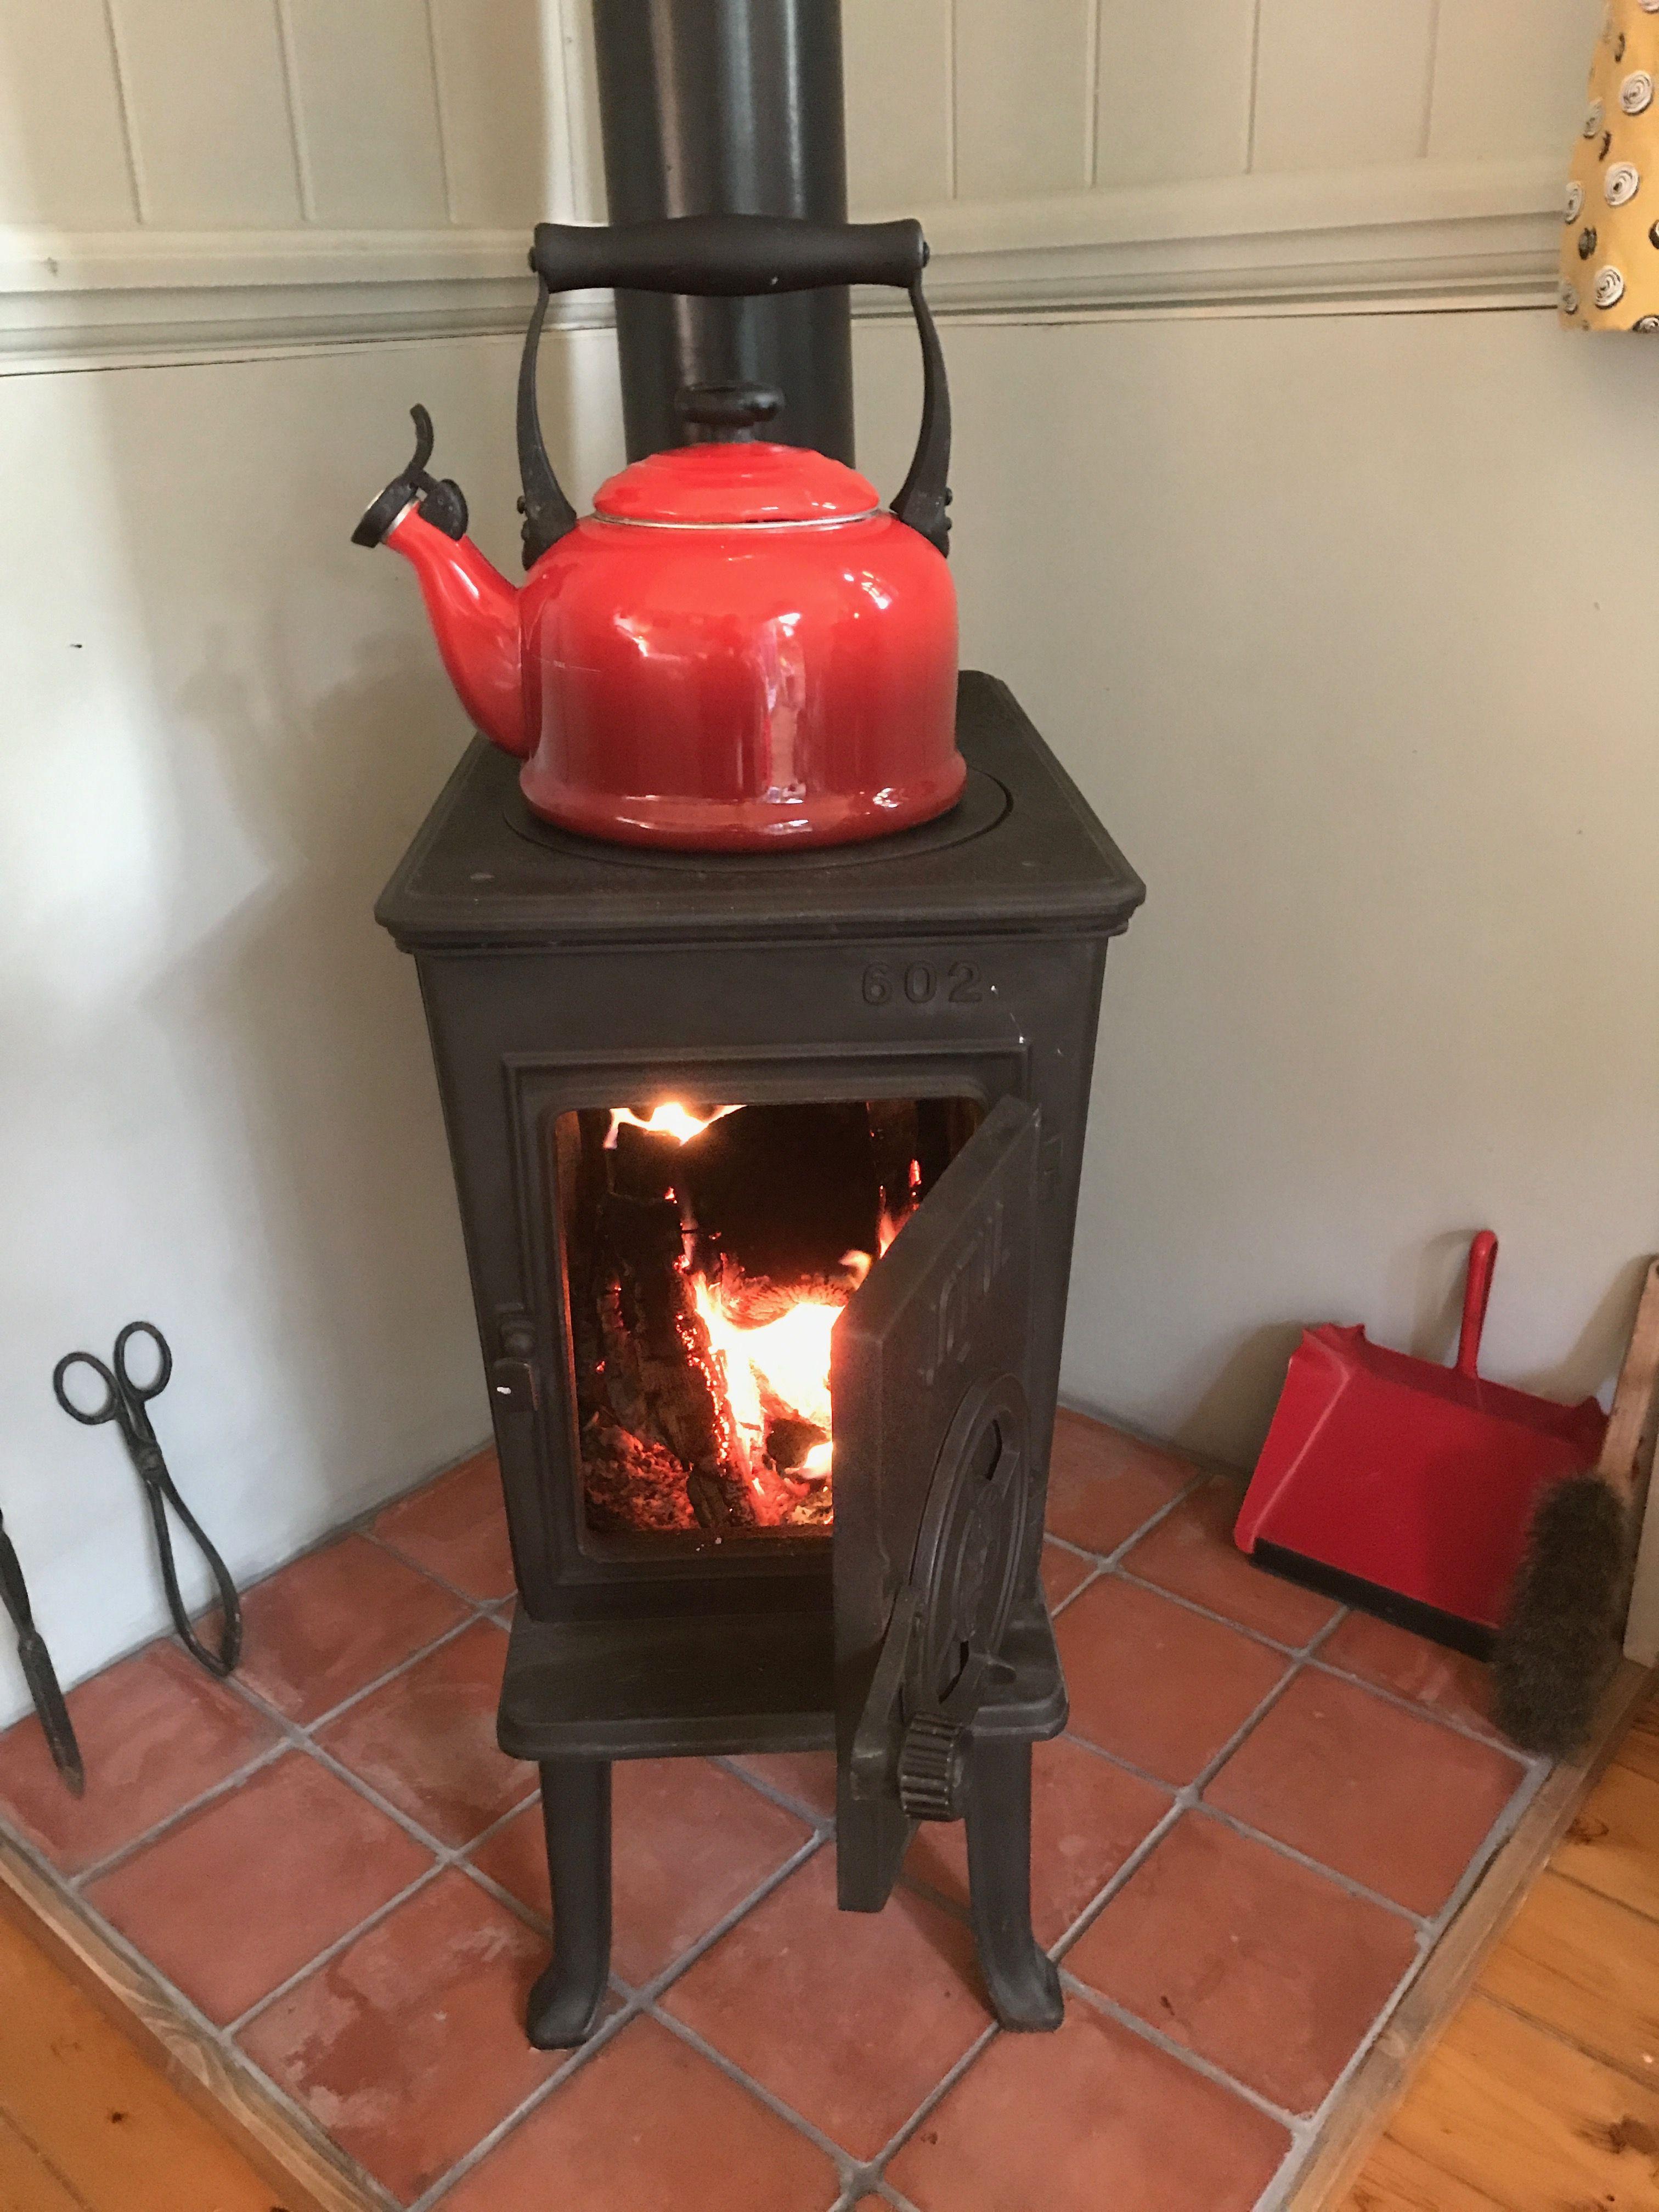 jotul 602 chimeneas fuego pinterest estufas fuego y cocinas